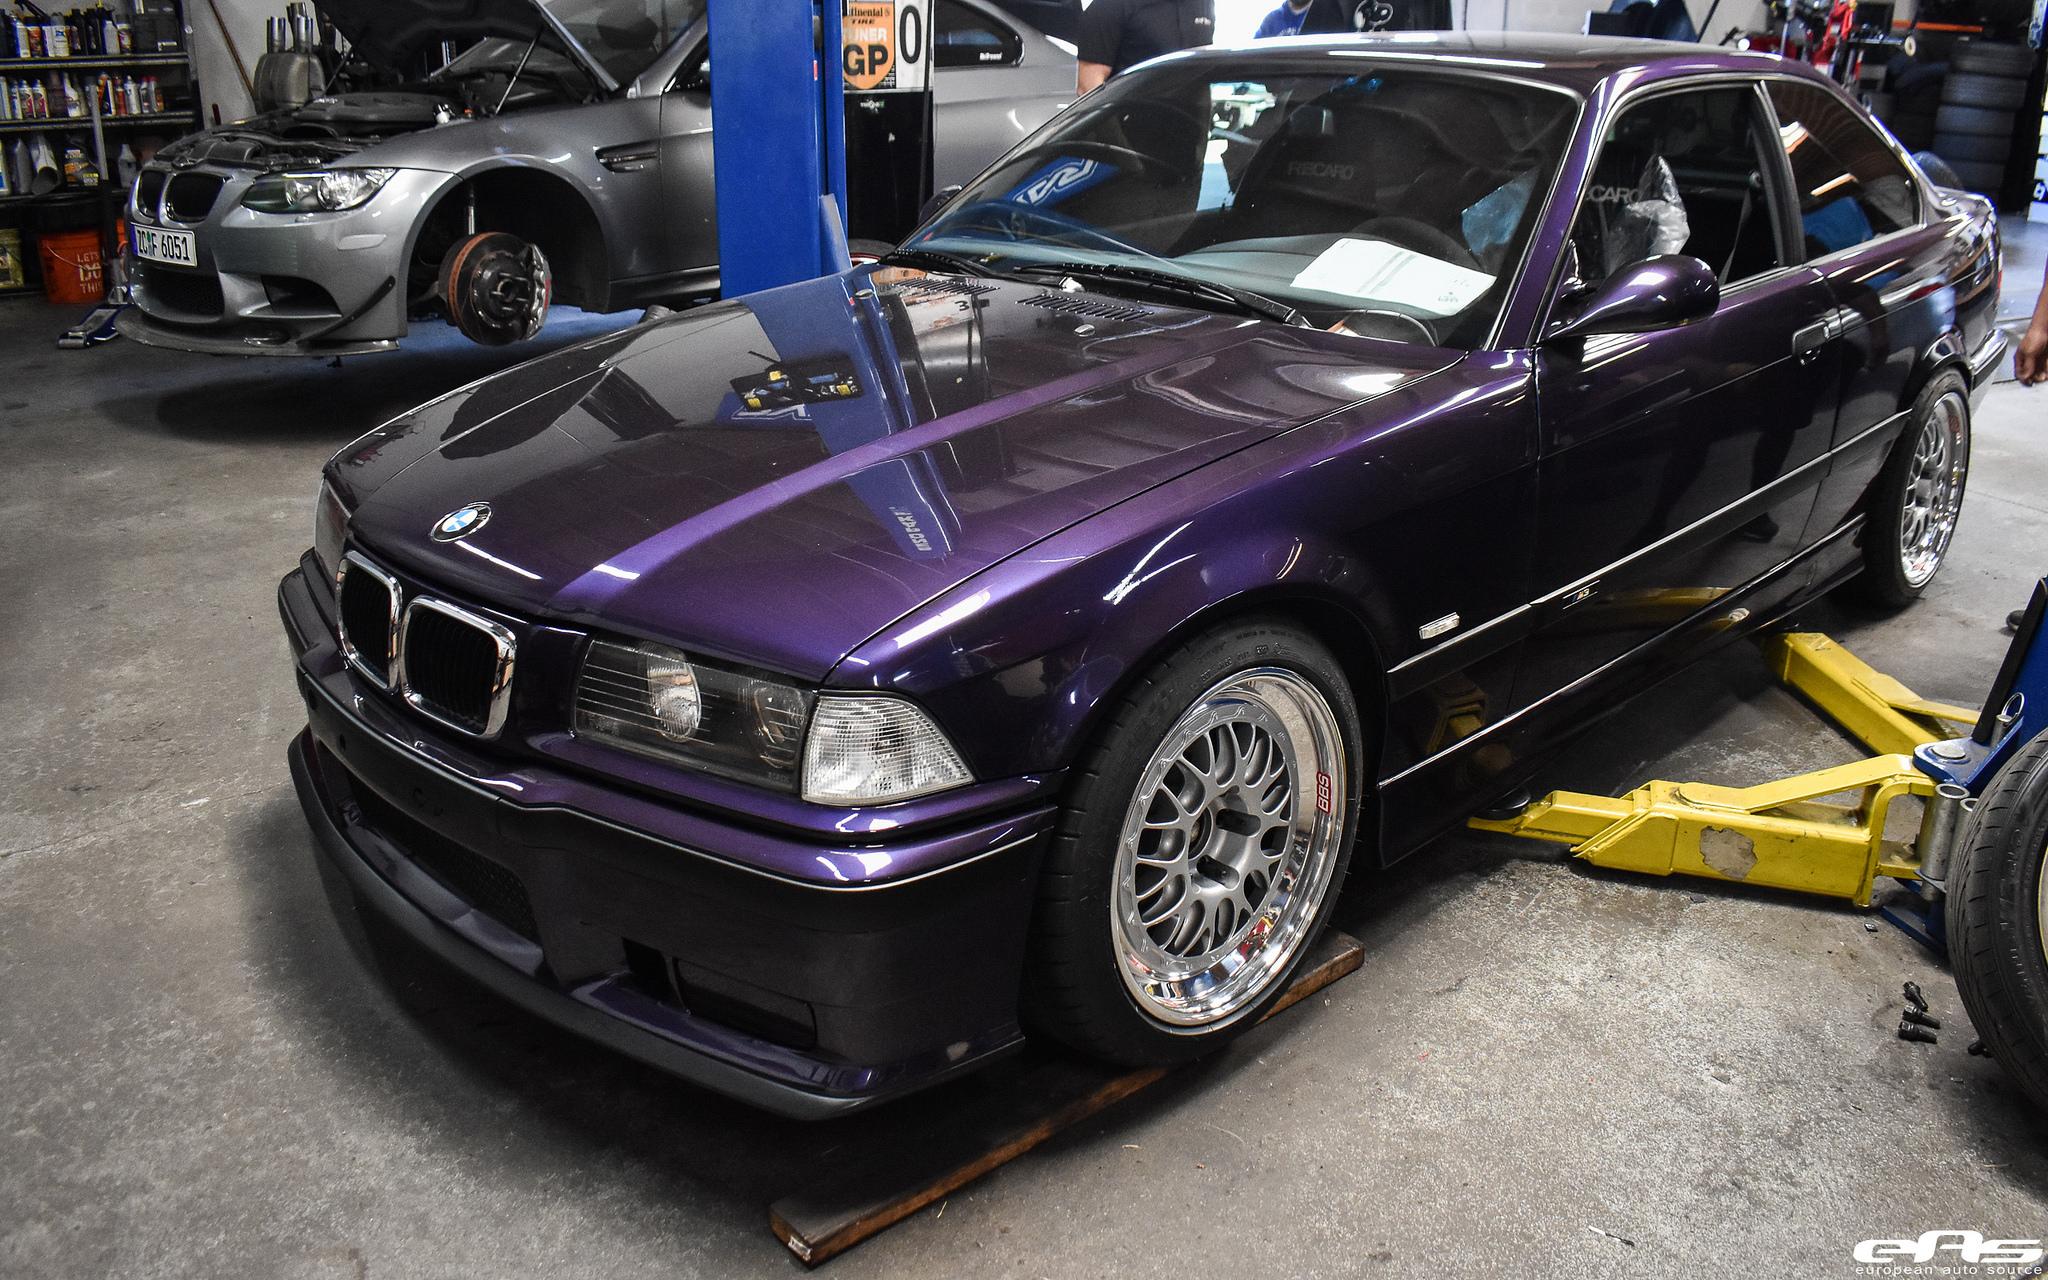 Techno Violet Metallic Bmw E36 M3 Build By European Auto